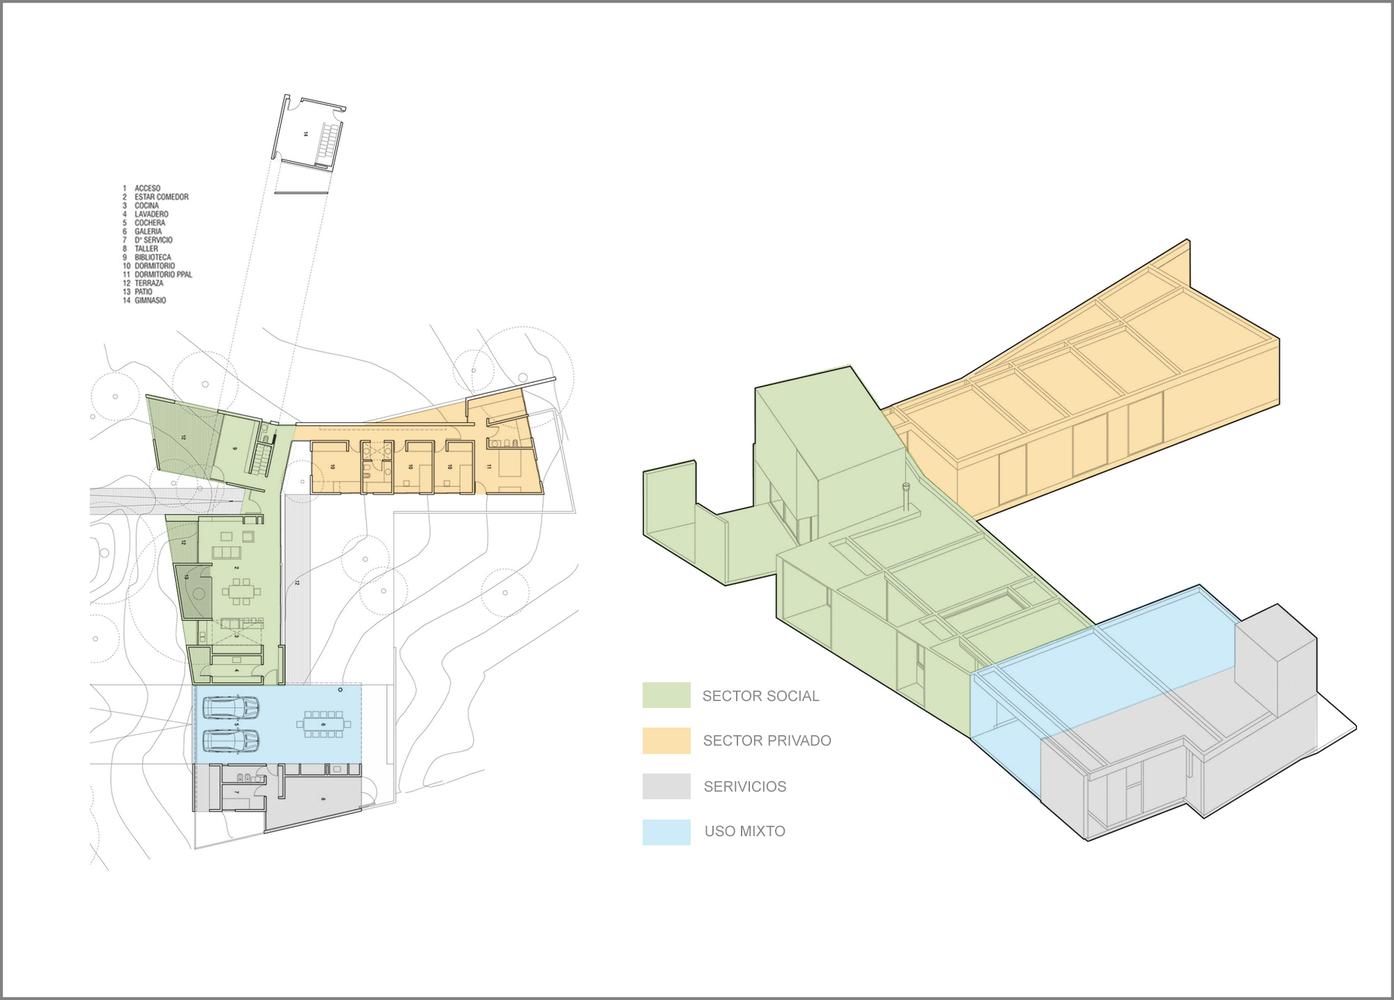 Esquemas funcionales: estrategias de organización programática en casas de Argentina,Casa El Corte / Plural Arquitectos. Image